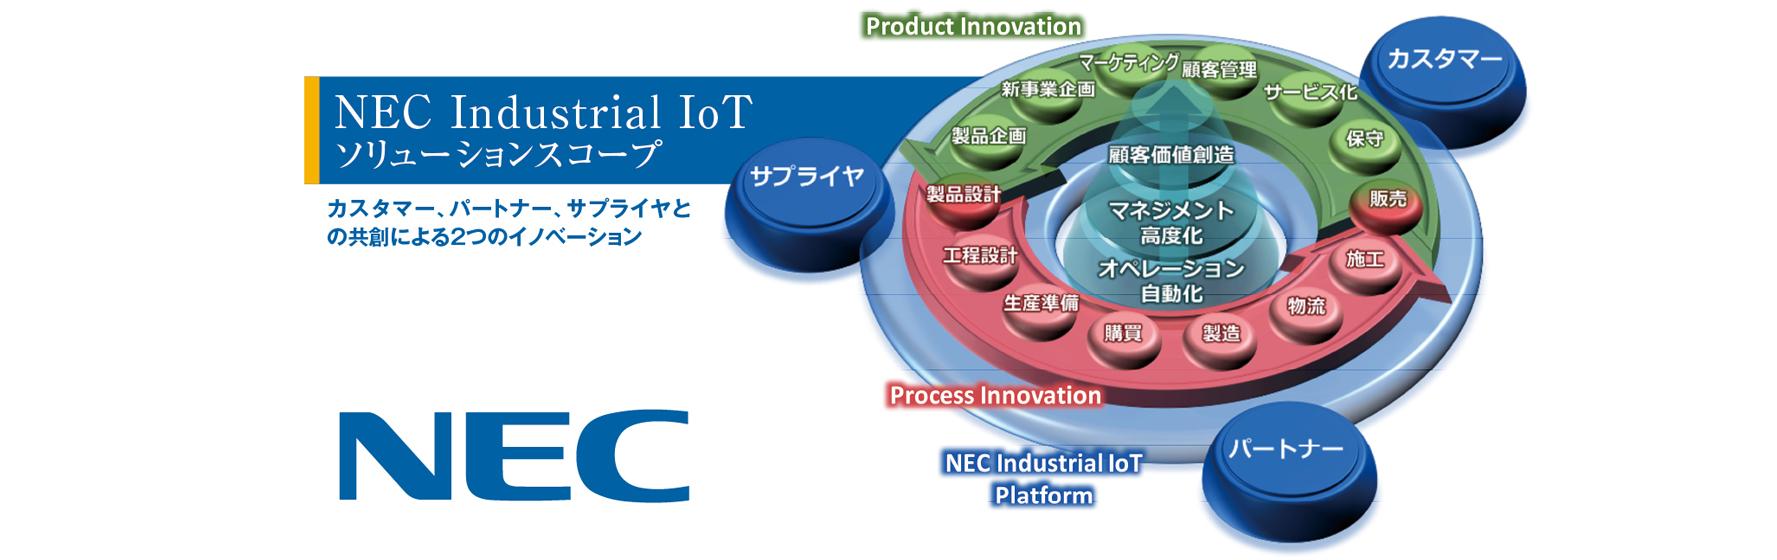 NEC CORPORATION (THAILAND) LTD. - 企業検索 - ワイズデジタル【タイで生活する人のための情報サイト】